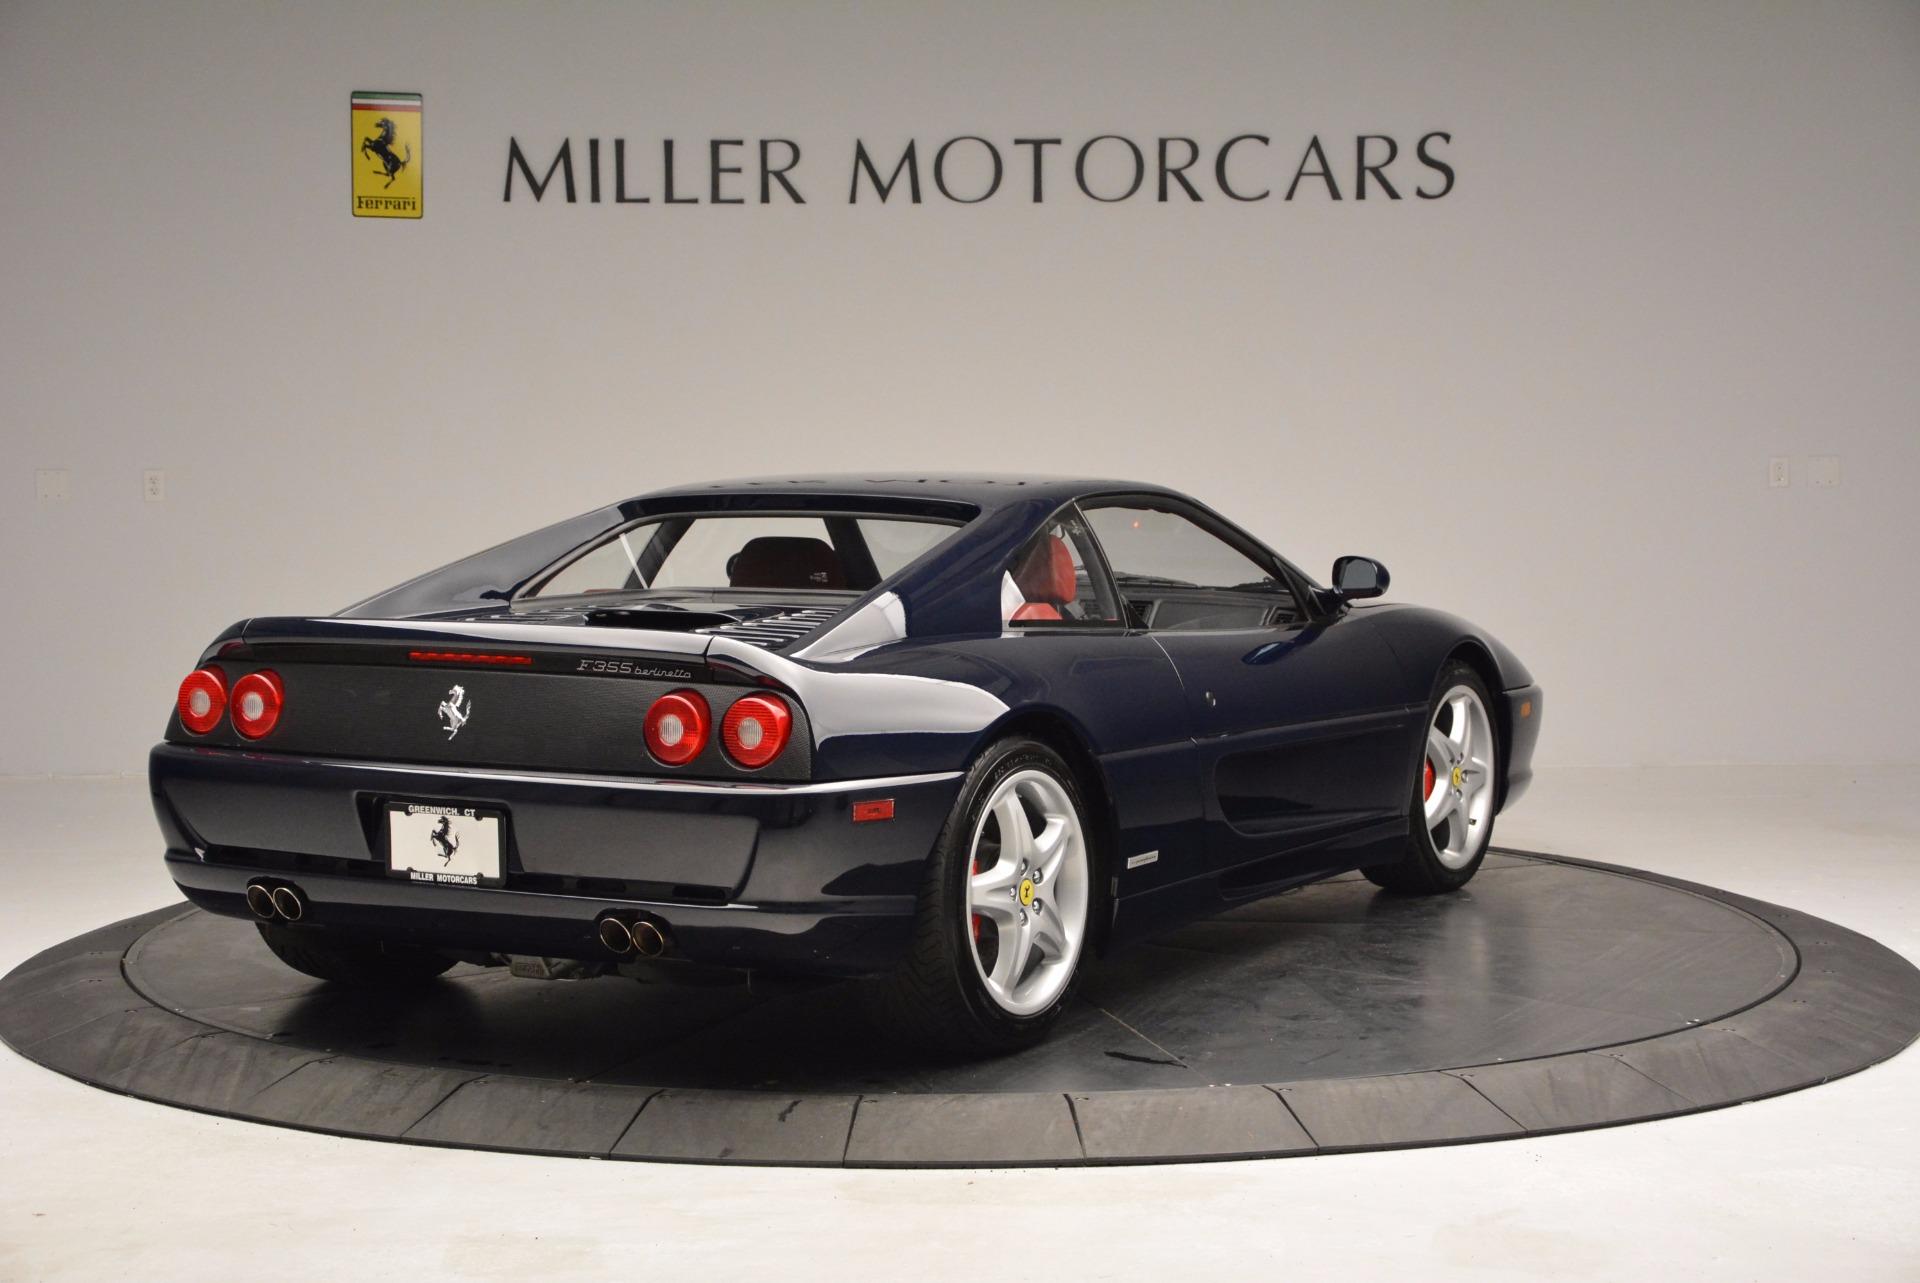 Used 1999 Ferrari 355 Berlinetta For Sale In Greenwich, CT 855_p8